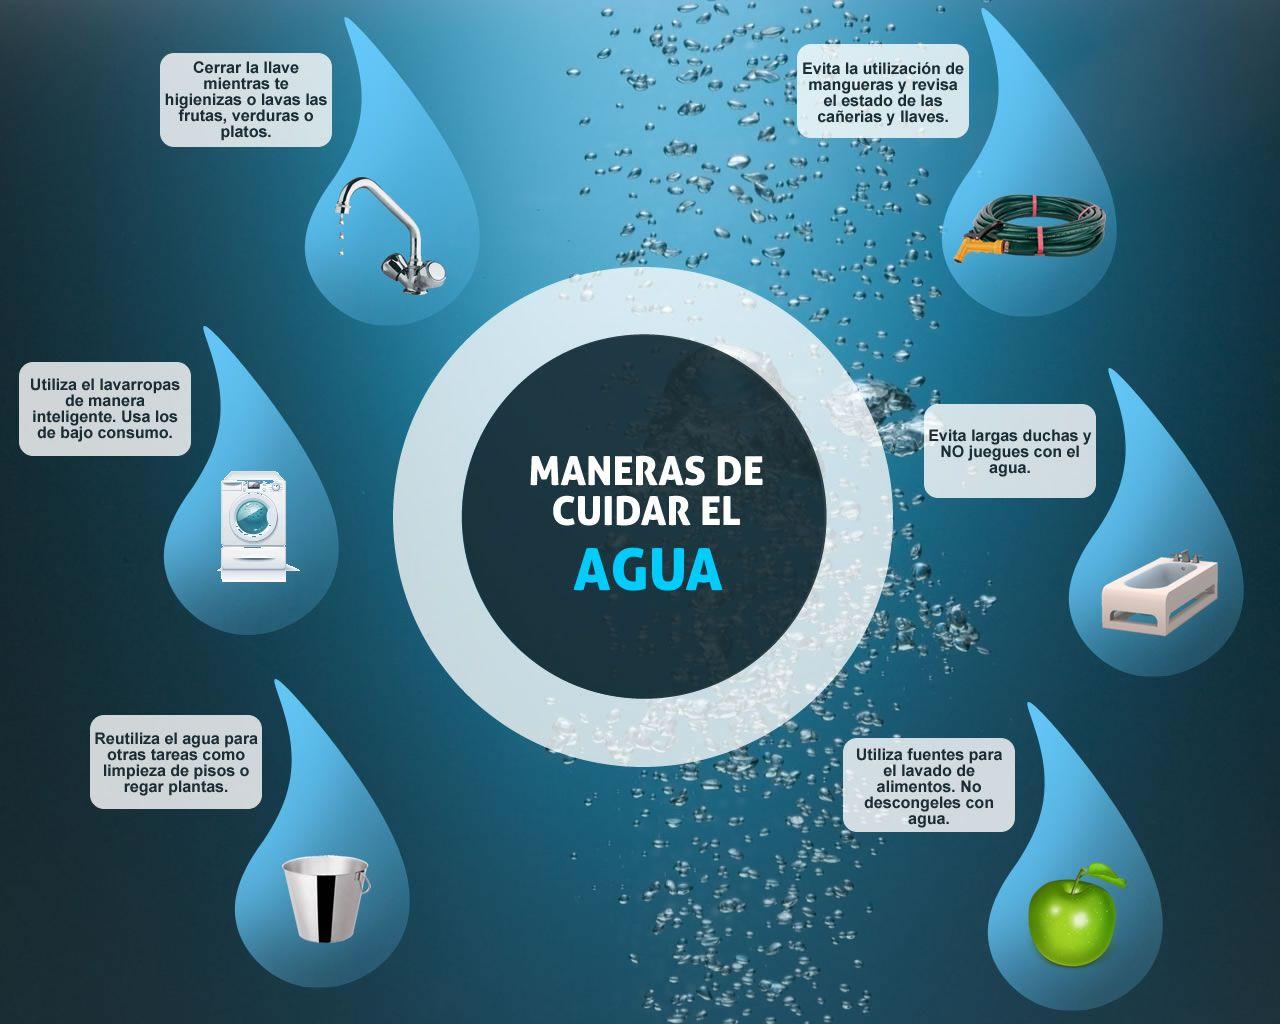 Infografia Que Nos Ensena Formas Asequibles De Cuidar El Agua